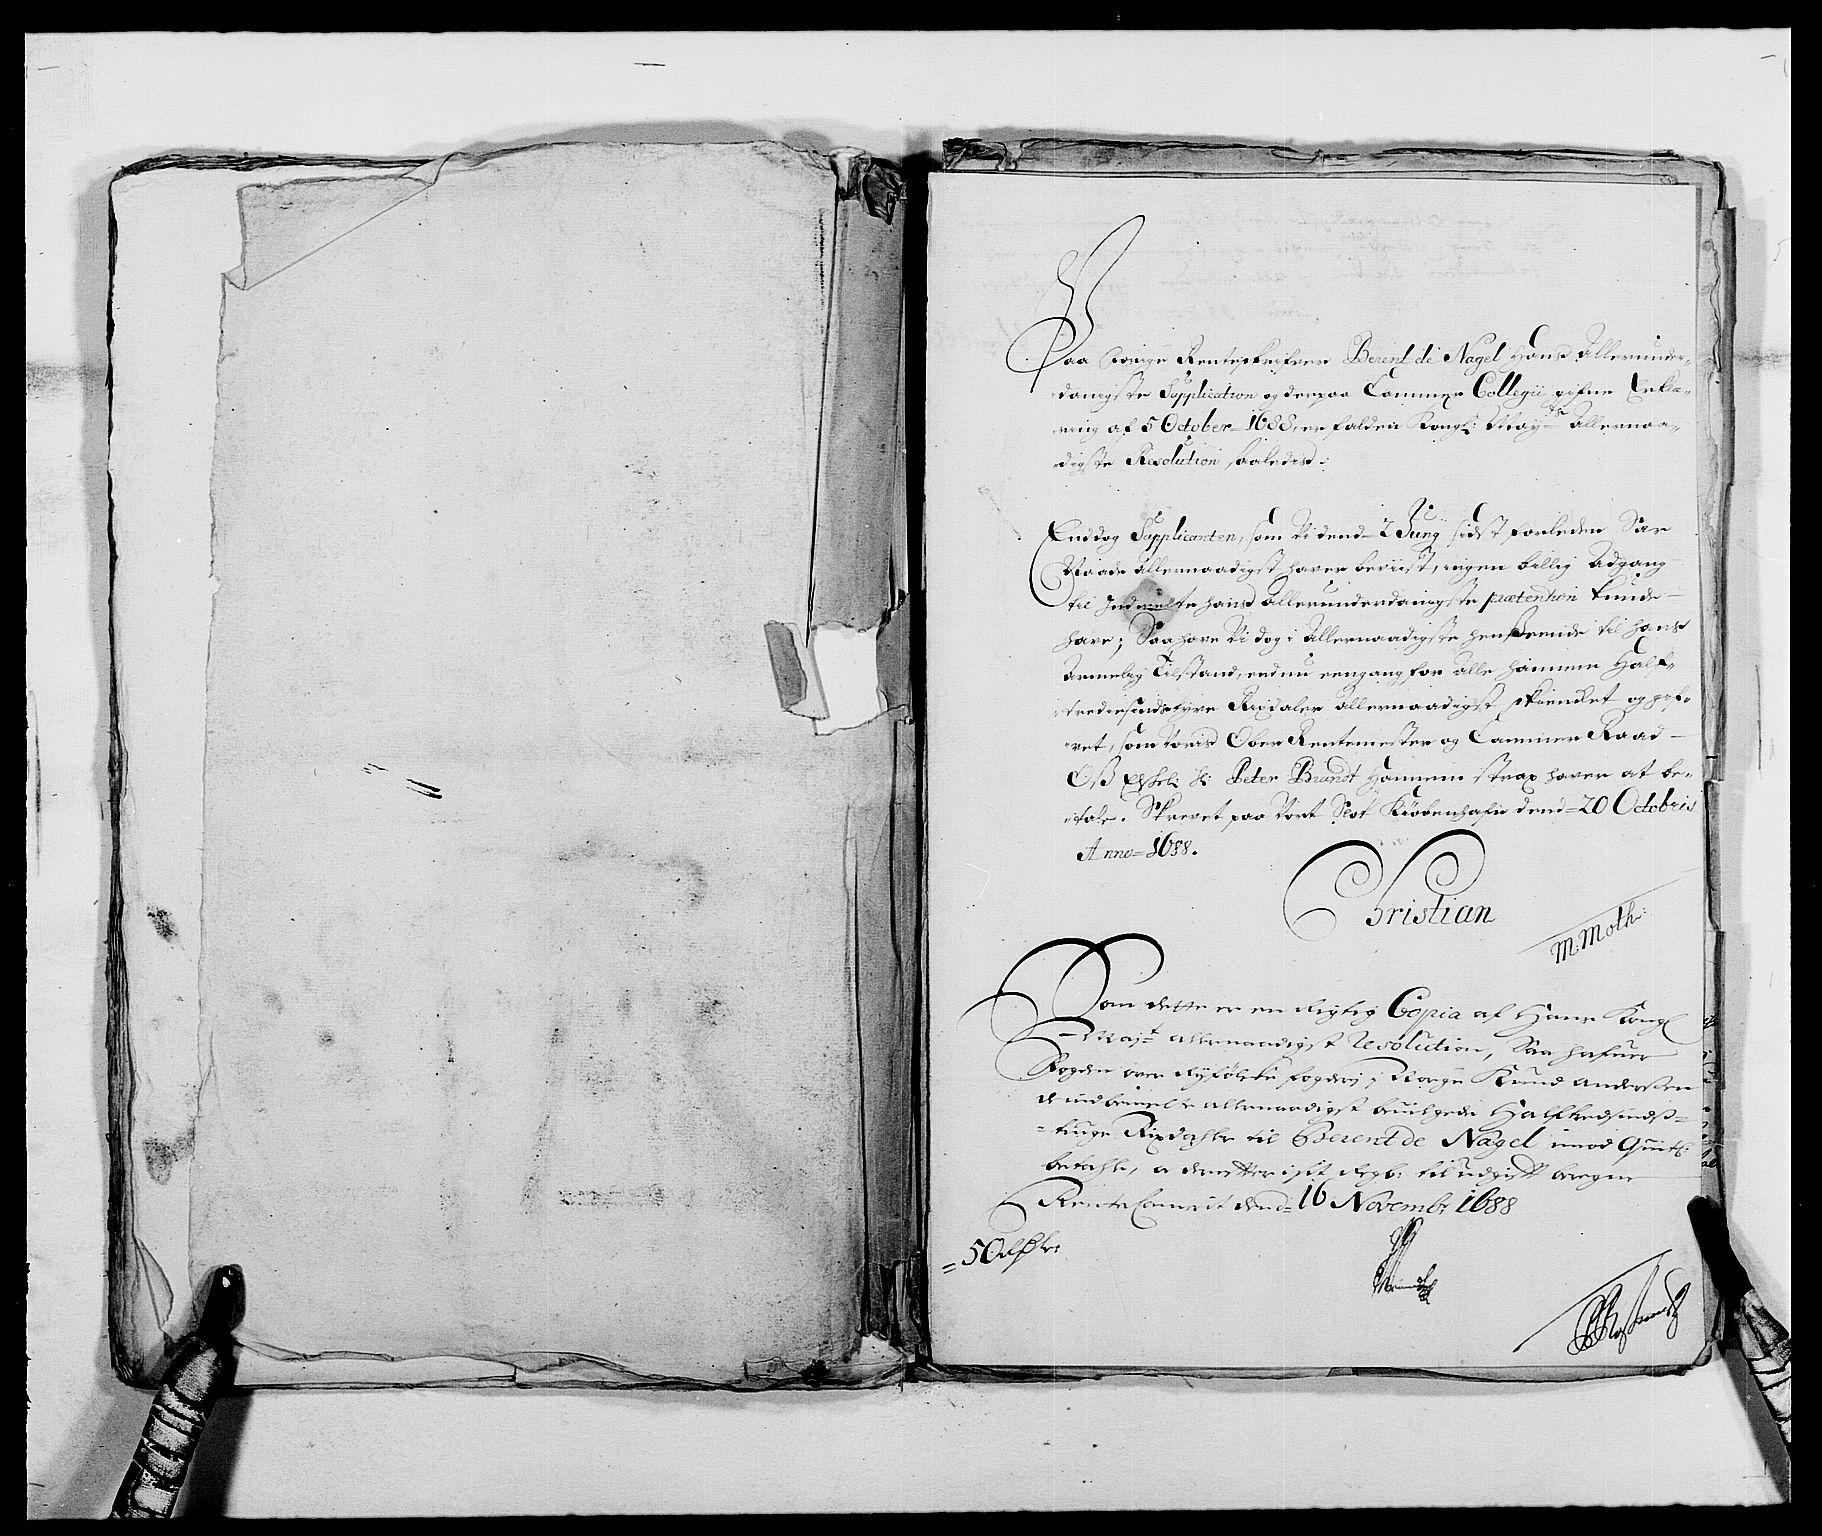 RA, Rentekammeret inntil 1814, Reviderte regnskaper, Fogderegnskap, R47/L2855: Fogderegnskap Ryfylke, 1685-1688, s. 441